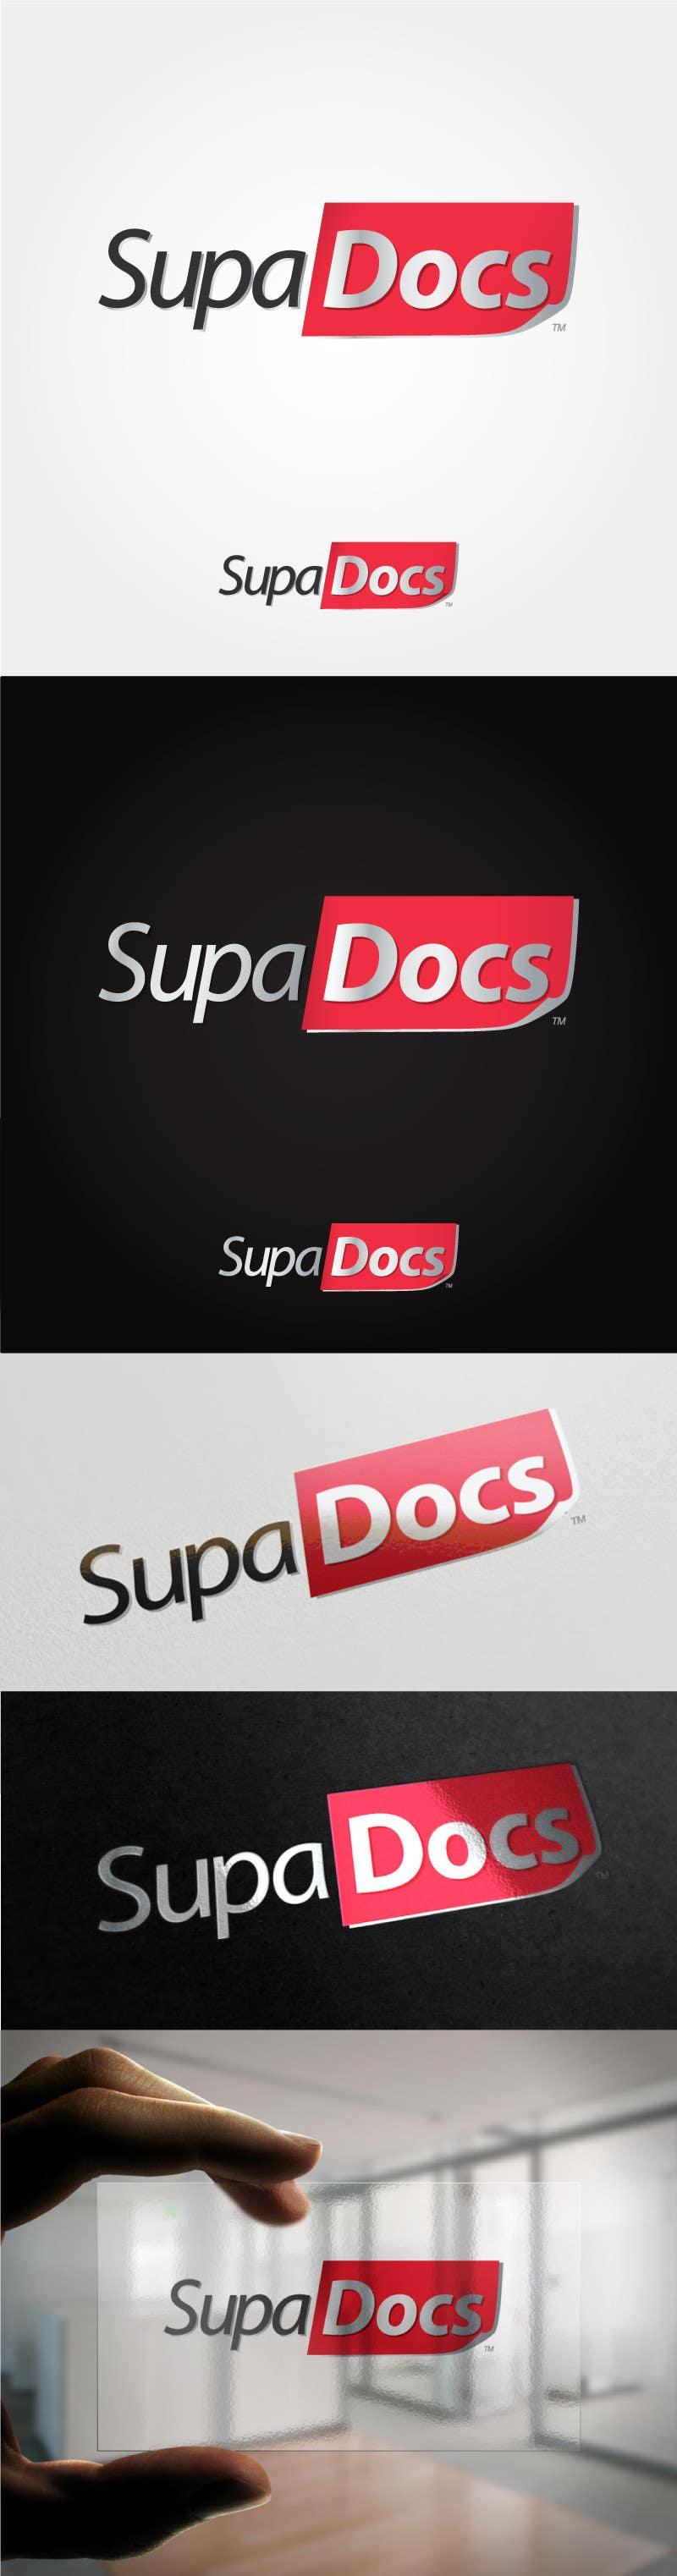 Inscrição nº 276 do Concurso para Logo Design for Supa Docs